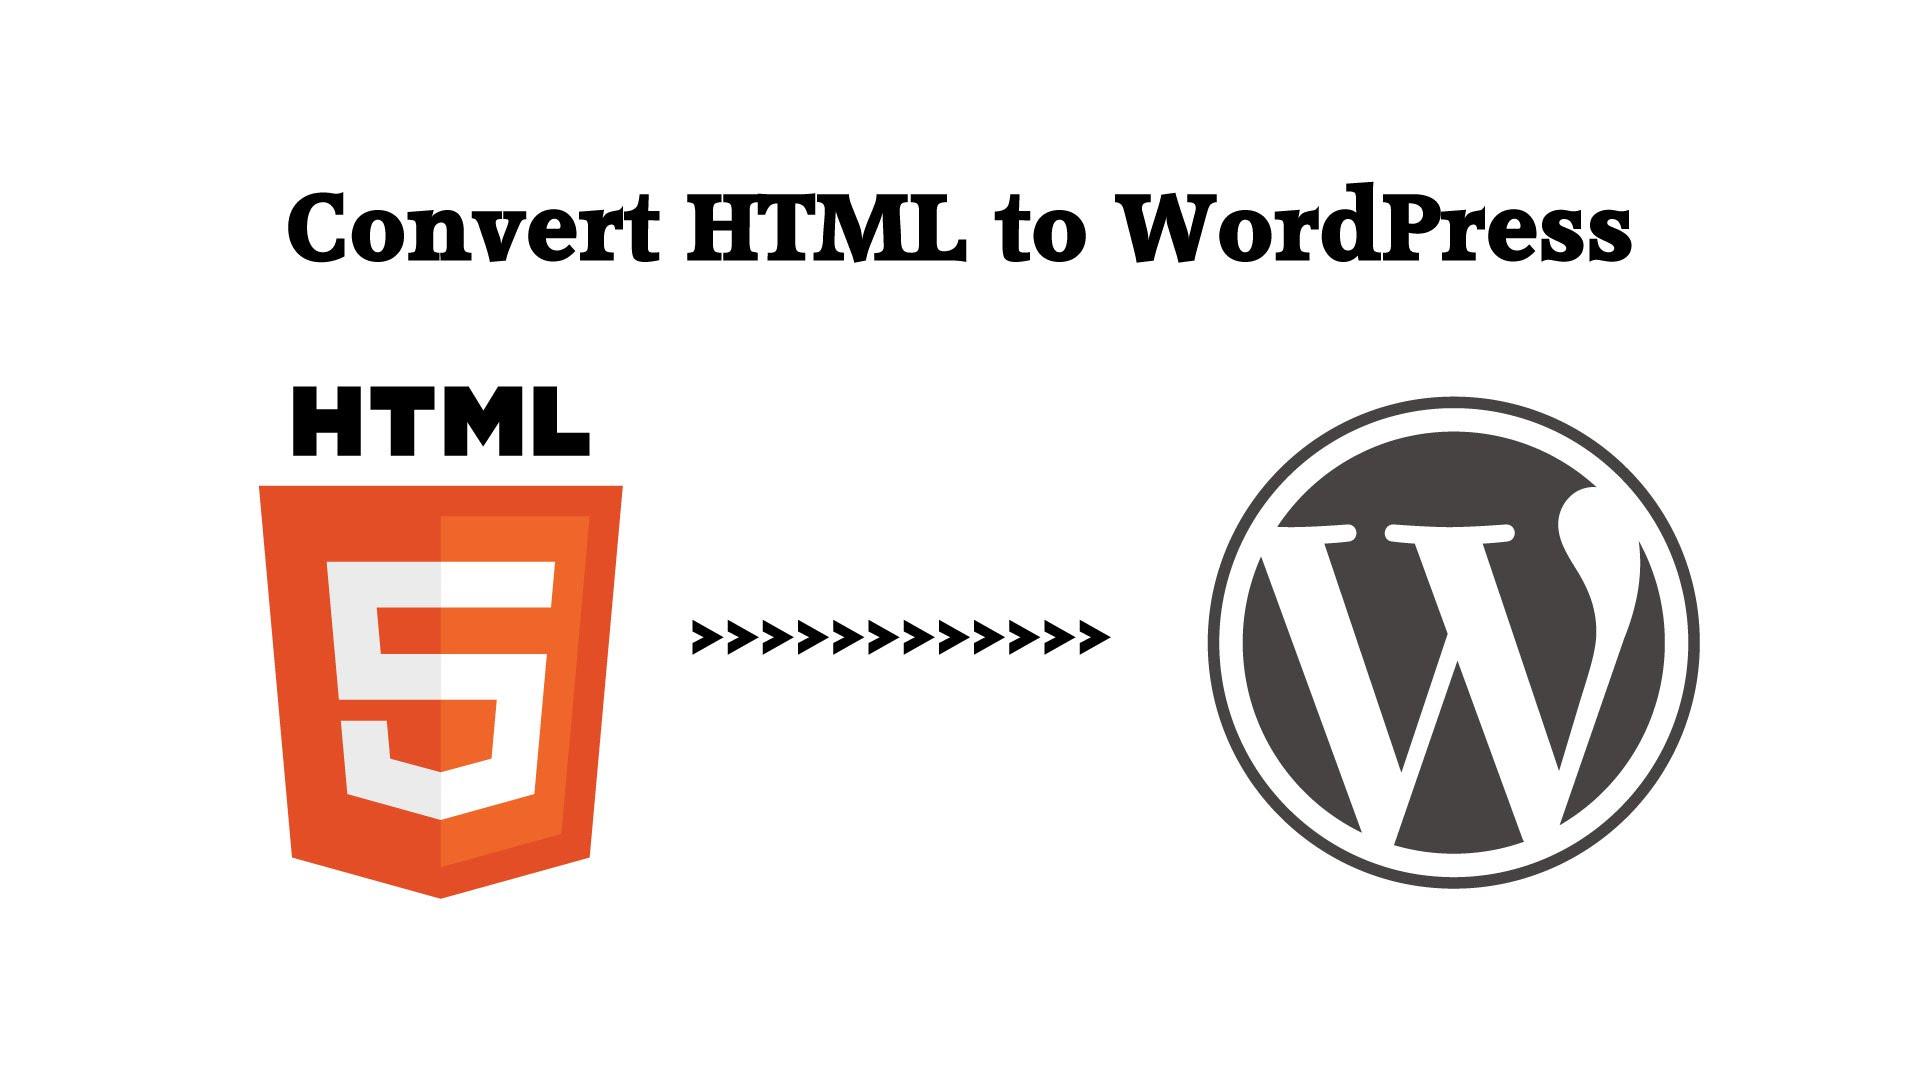 HTML to WordPress Convert